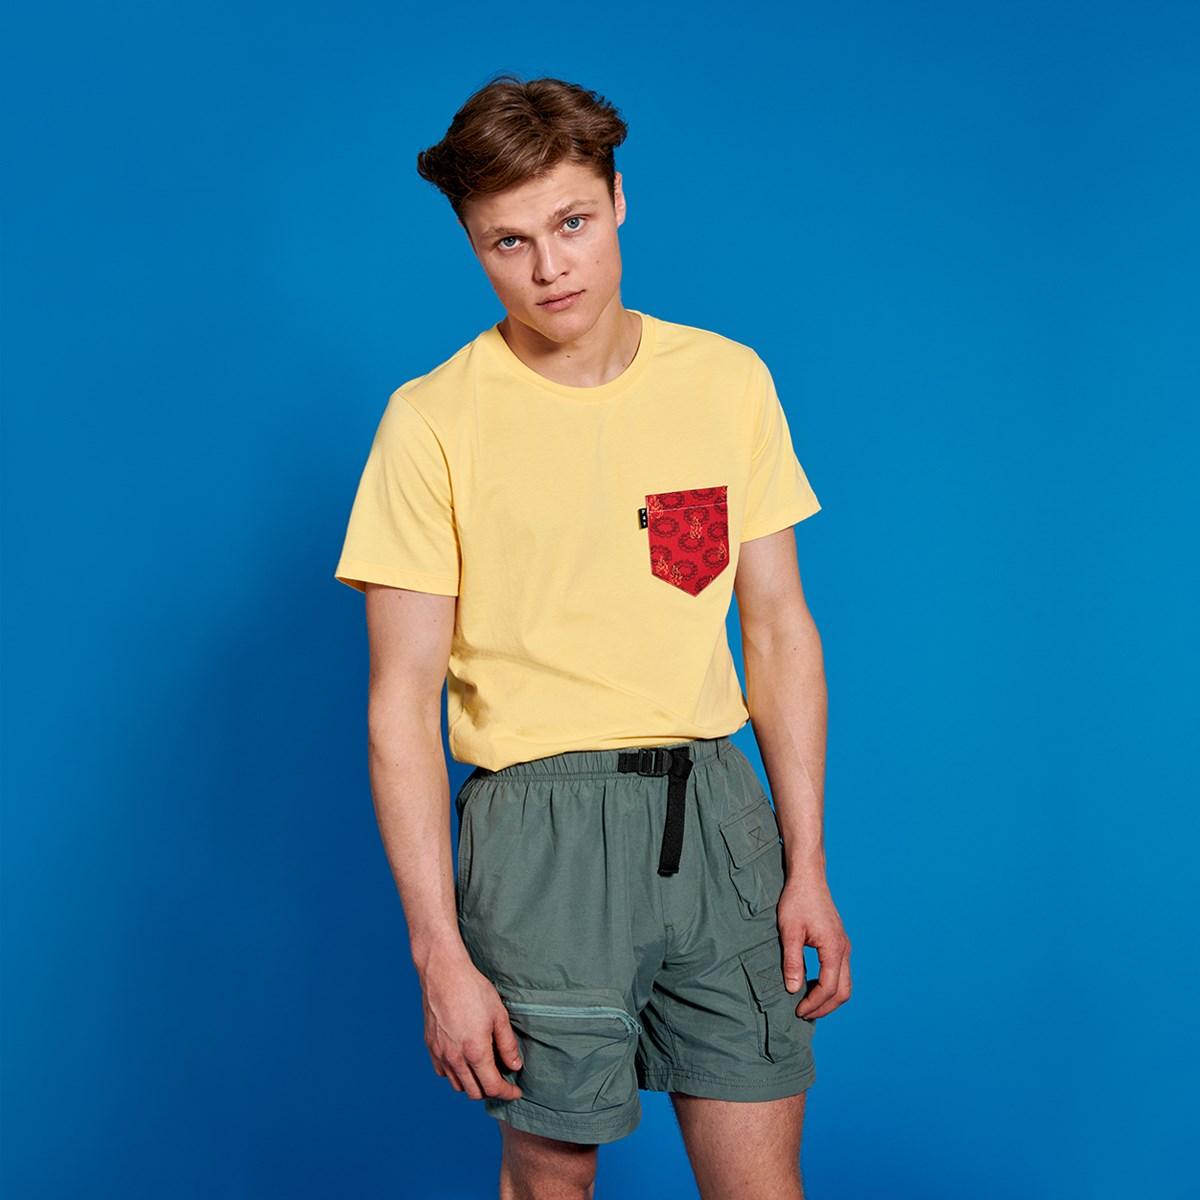 Cliquez ici pour acheter T-Shirt pour homme – Choisis ta poche